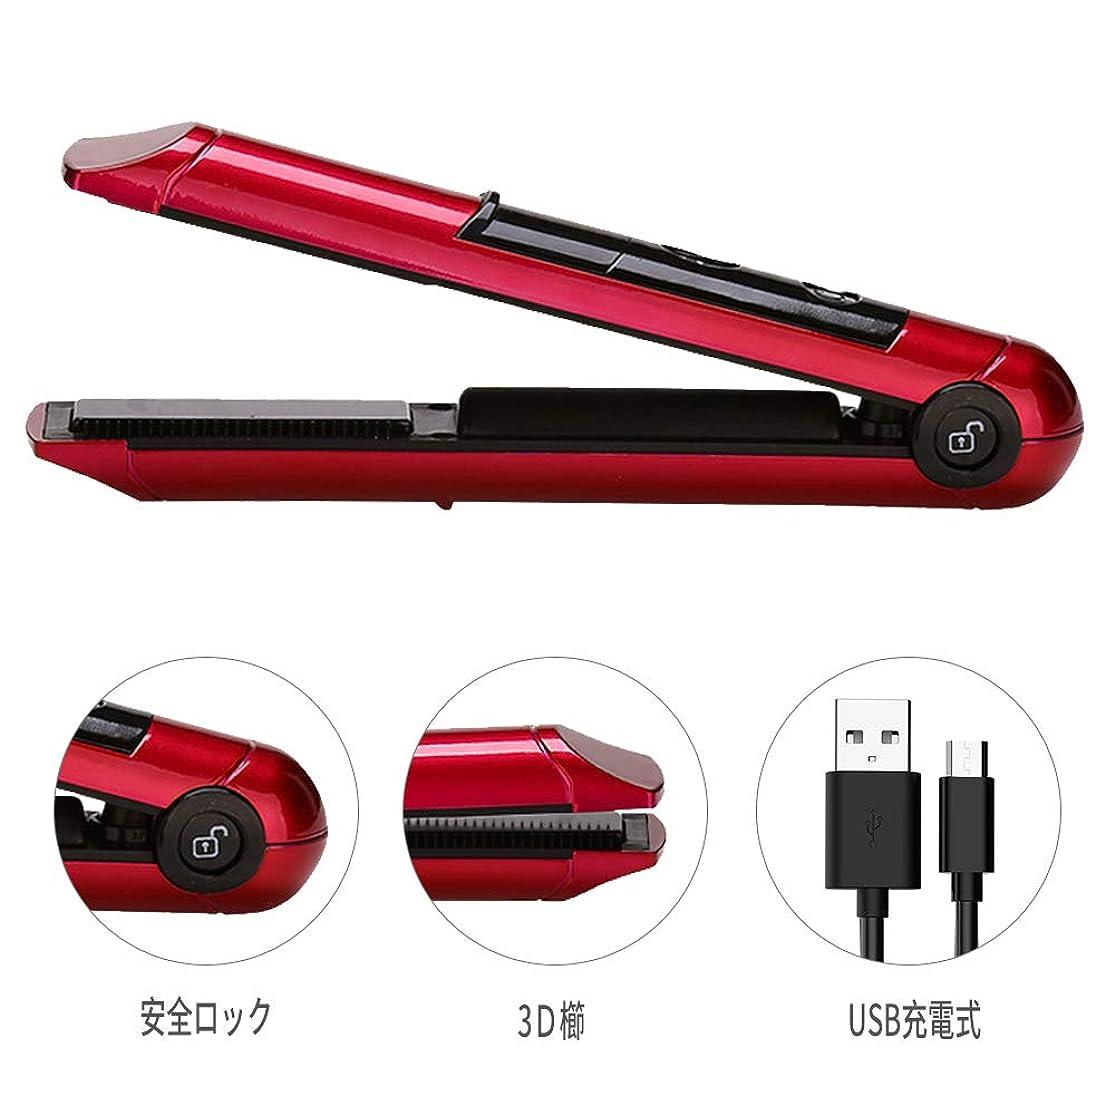 メジャーうまれた人道的OBEST コードレス ヘアアイロン コンパクト USB充電式 持ち運び便利 海外使用対応 LEDランプ表示 3段階温度調節 高温205℃ 閉開ロック付き 2400mAH (レッド)